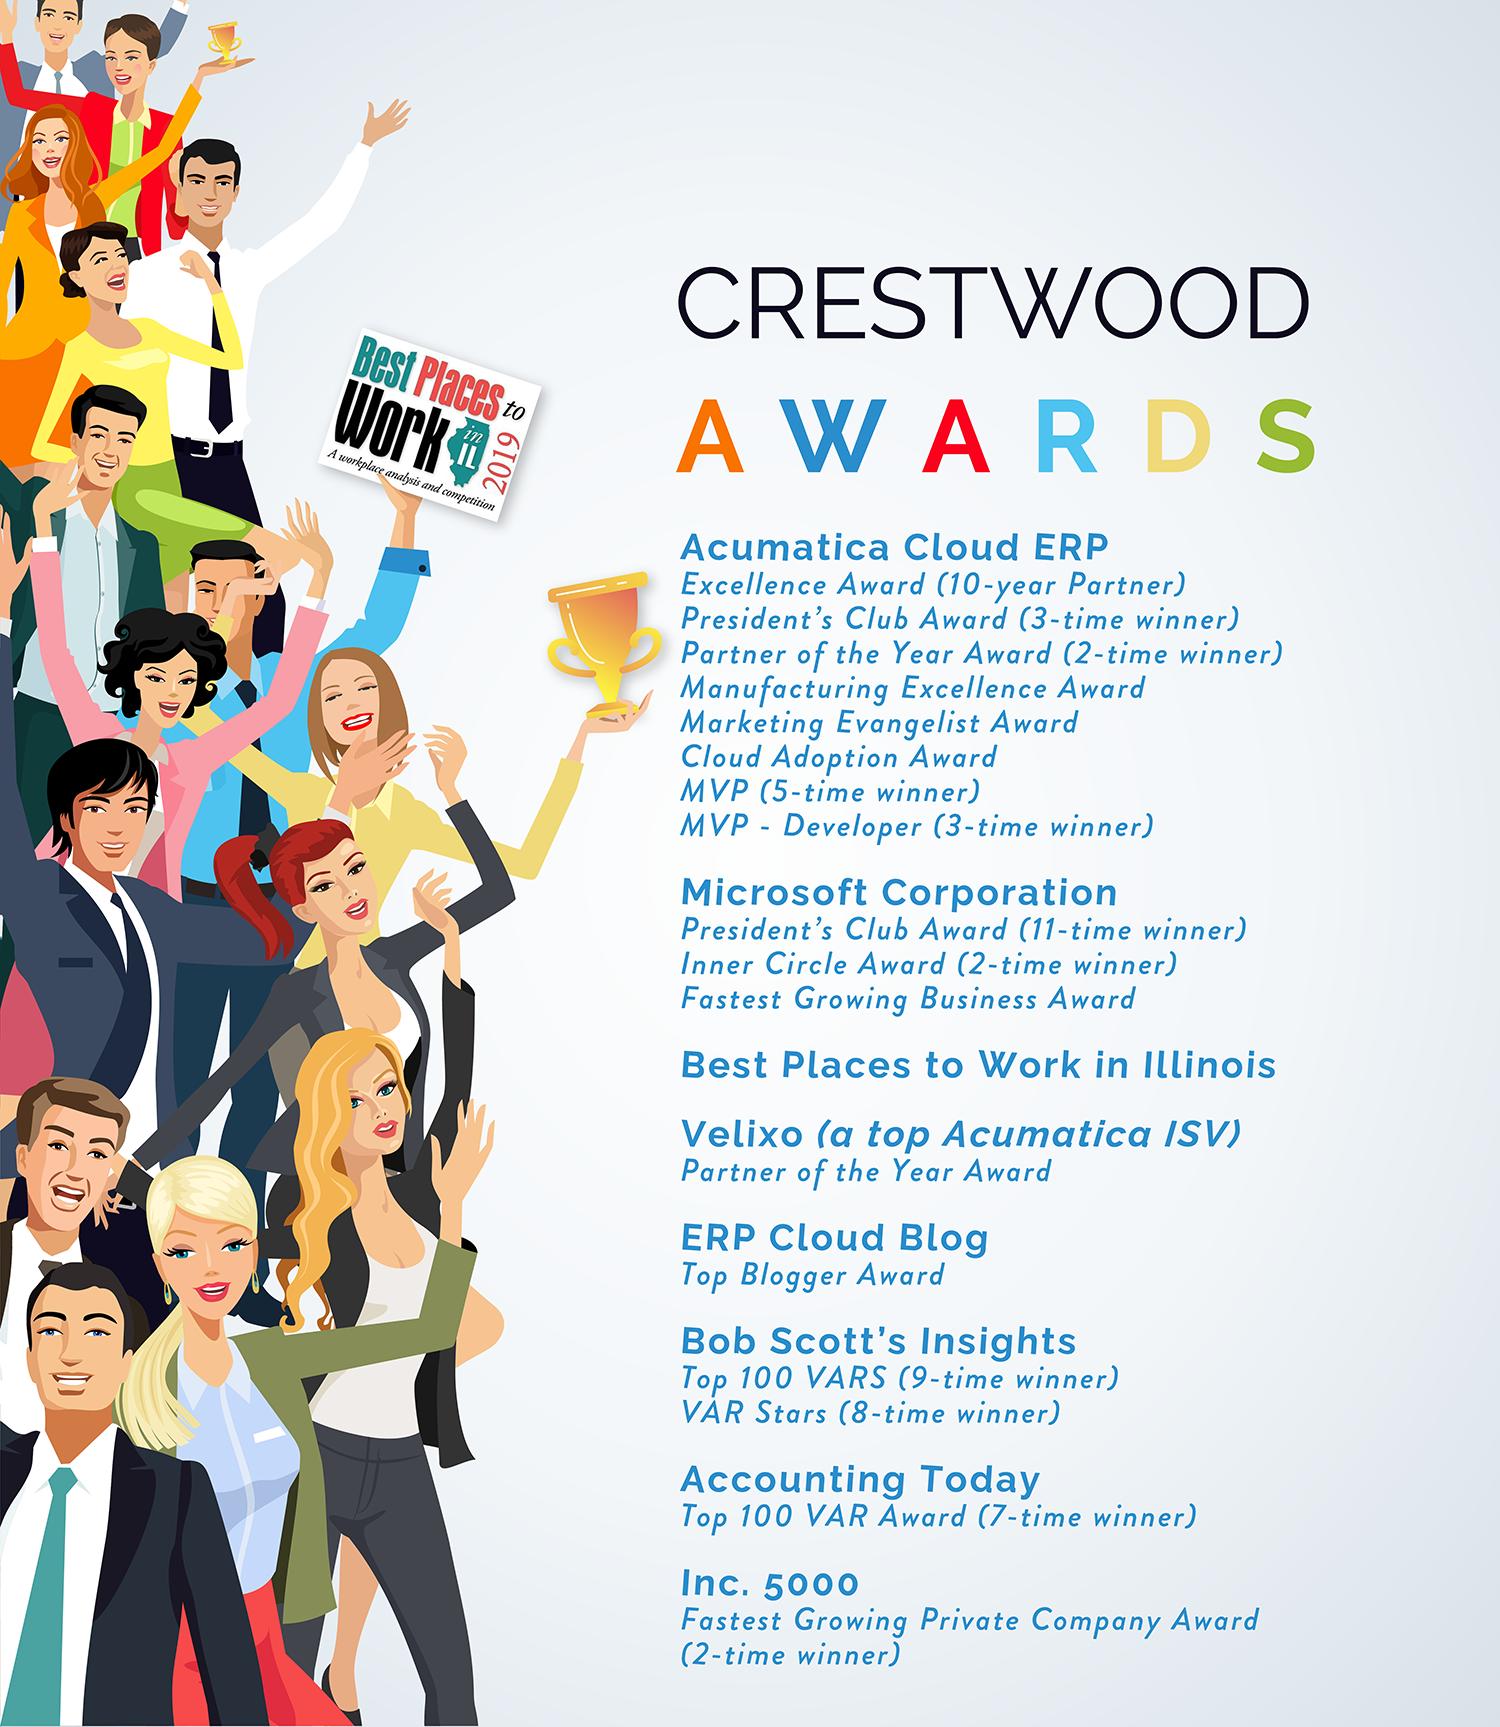 Crestwood Awards